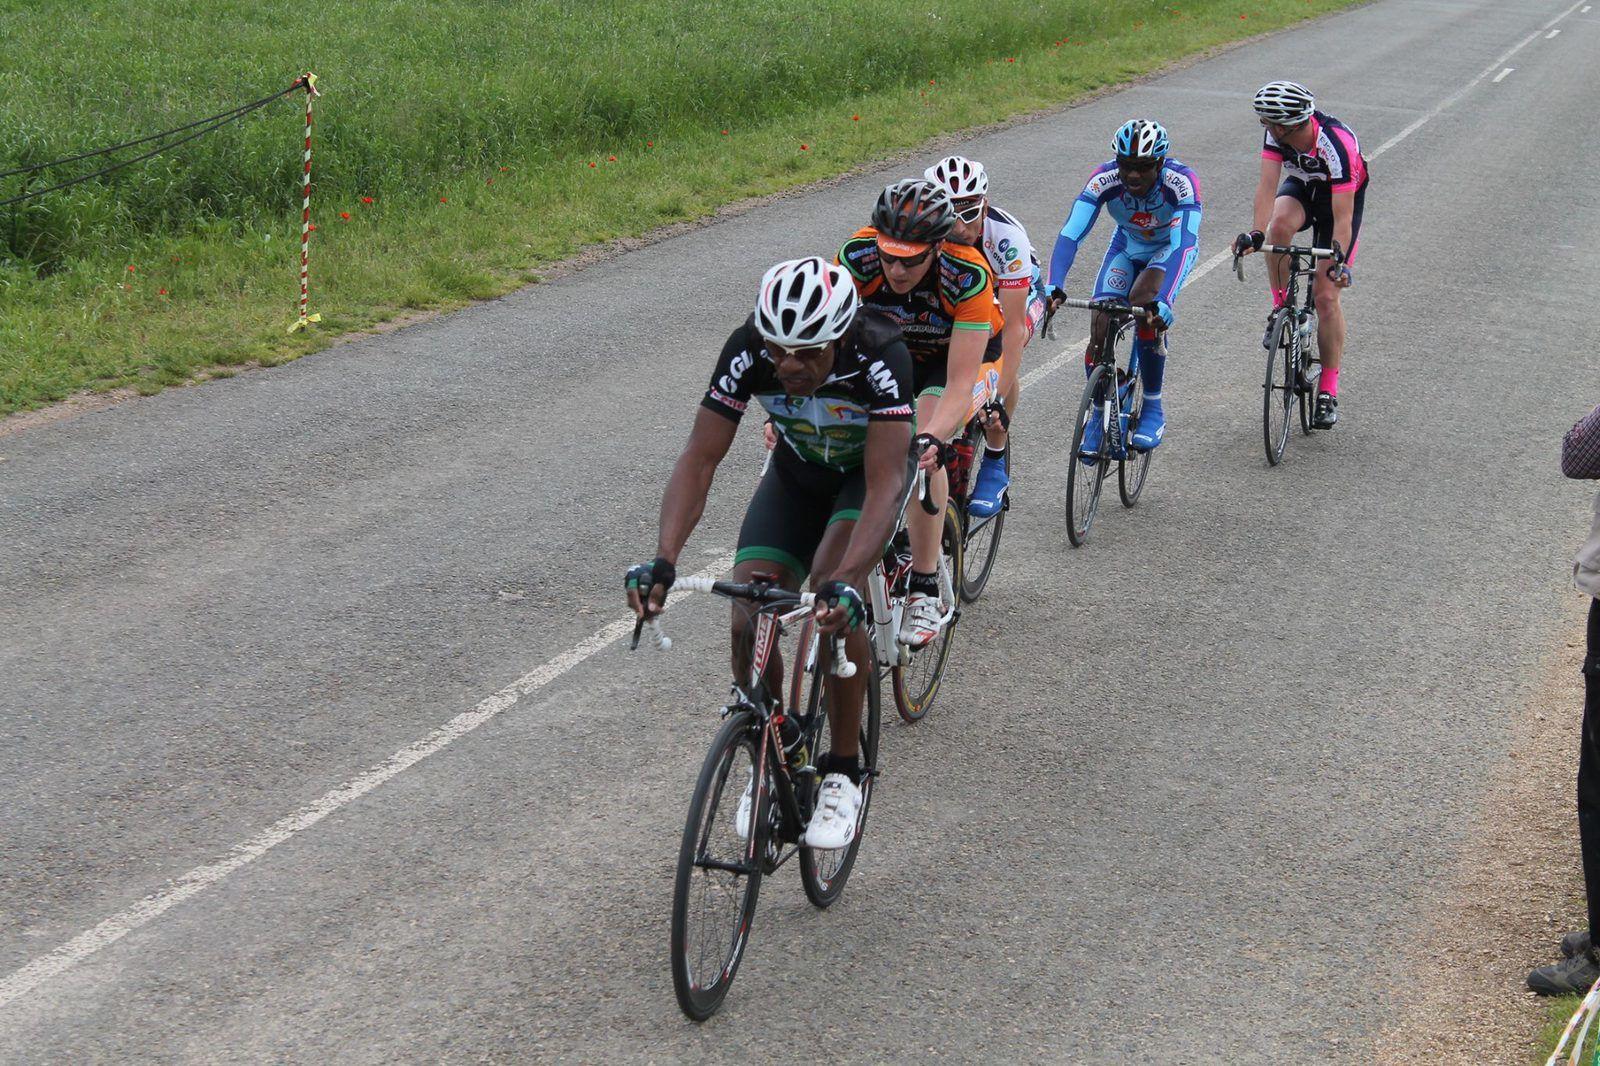 Finalement repris ce sont 5 coureurs qui prennent les devants dans le 2ème tour avec Emile Guicheron (AS Corbeil Essonne), Christophe Asse (EC Avraise), Anthony Péribois (ES Maintenon), Germain Marie Joseph (Team 94) et Brice Fauveau (Anet VC) qui regarde le contre qui se forme avec 3 Anetais